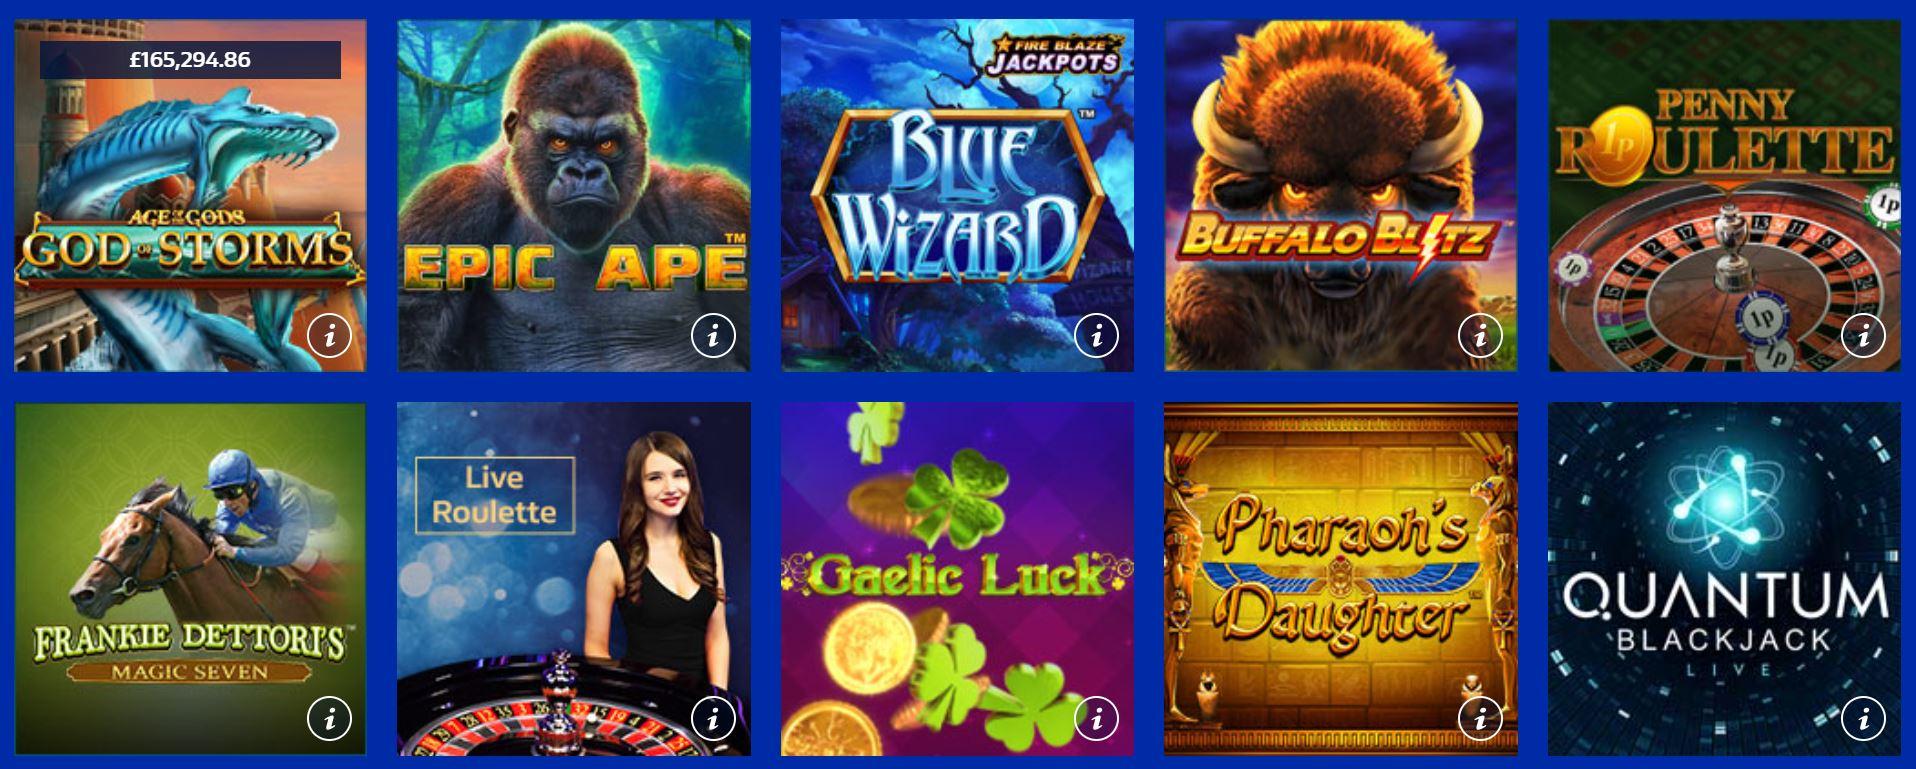 Es posible jugar a juegos de slots en William Hill.